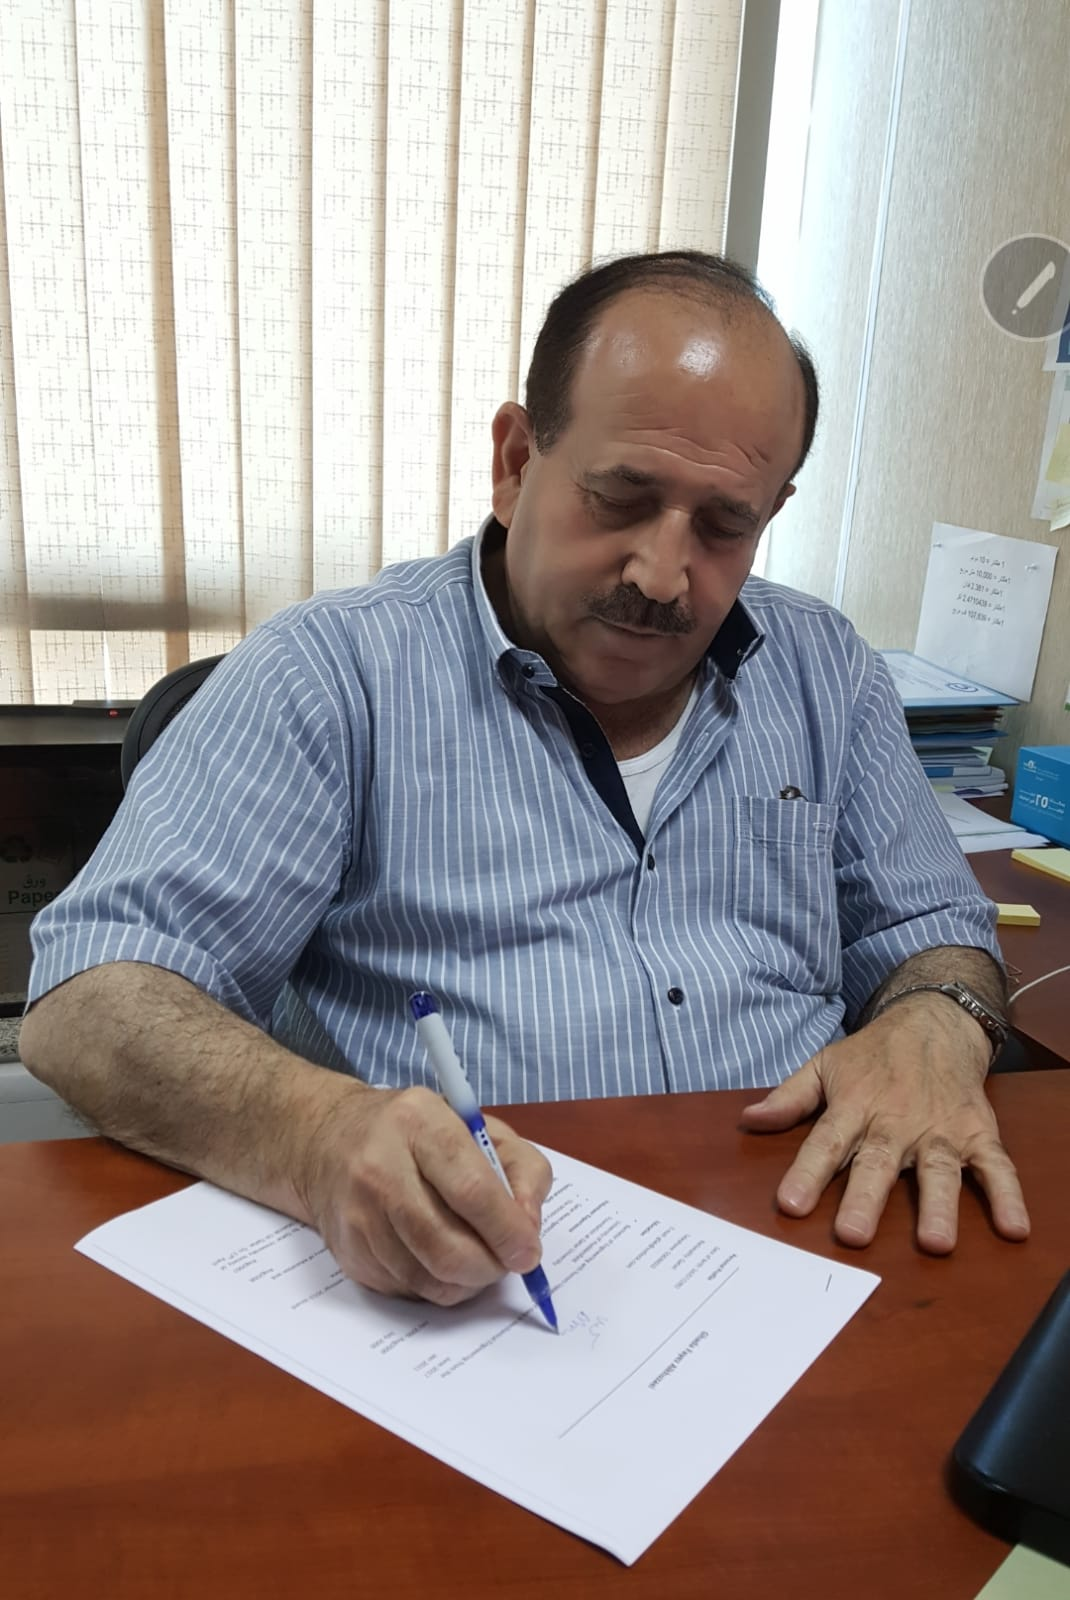 """الأردن: يا دولة الرئيس الرزاز  ..  """" غَزْوَة الجَرَادْ الإداري """" أكلت وزارة القطاع العام وتخطط للإجهاز على معهد الإدارة العامة  .."""